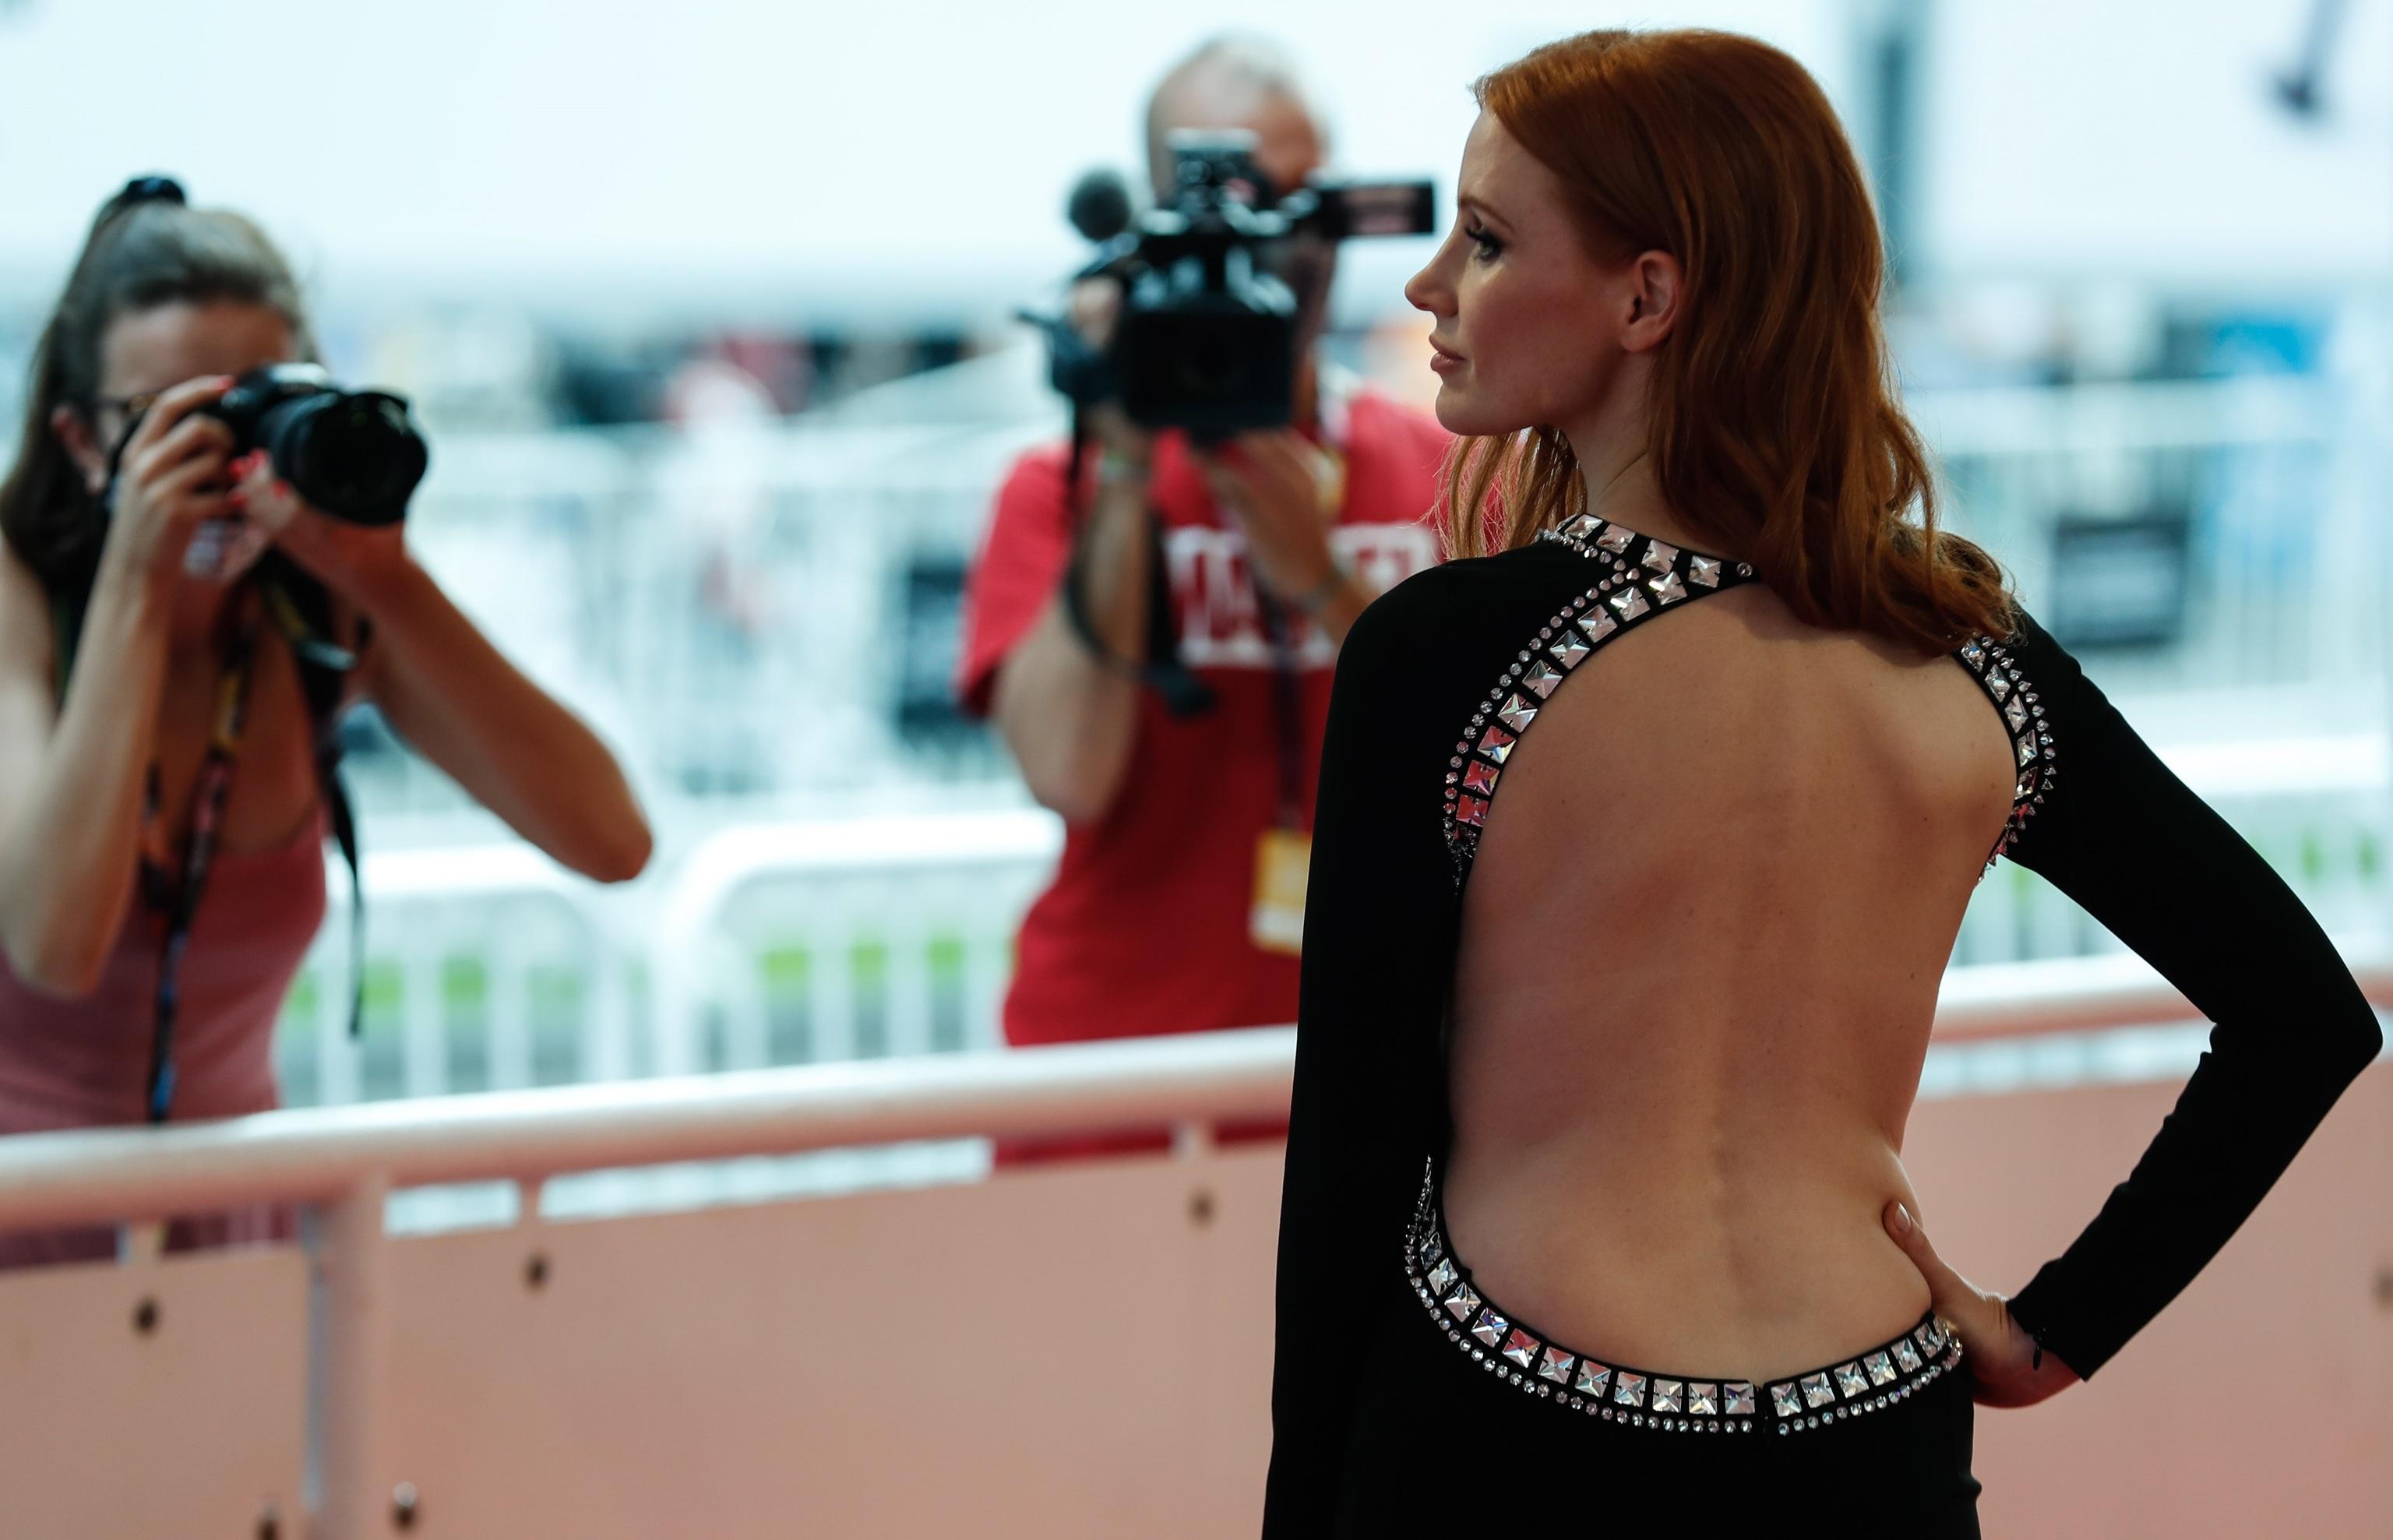 """La actriz Jessica Chastain posa este viernes en la 69 edición del Festival de Cine de San Sebastián, donde presenta su trabajo """"The eyes of Tammy Faye""""."""